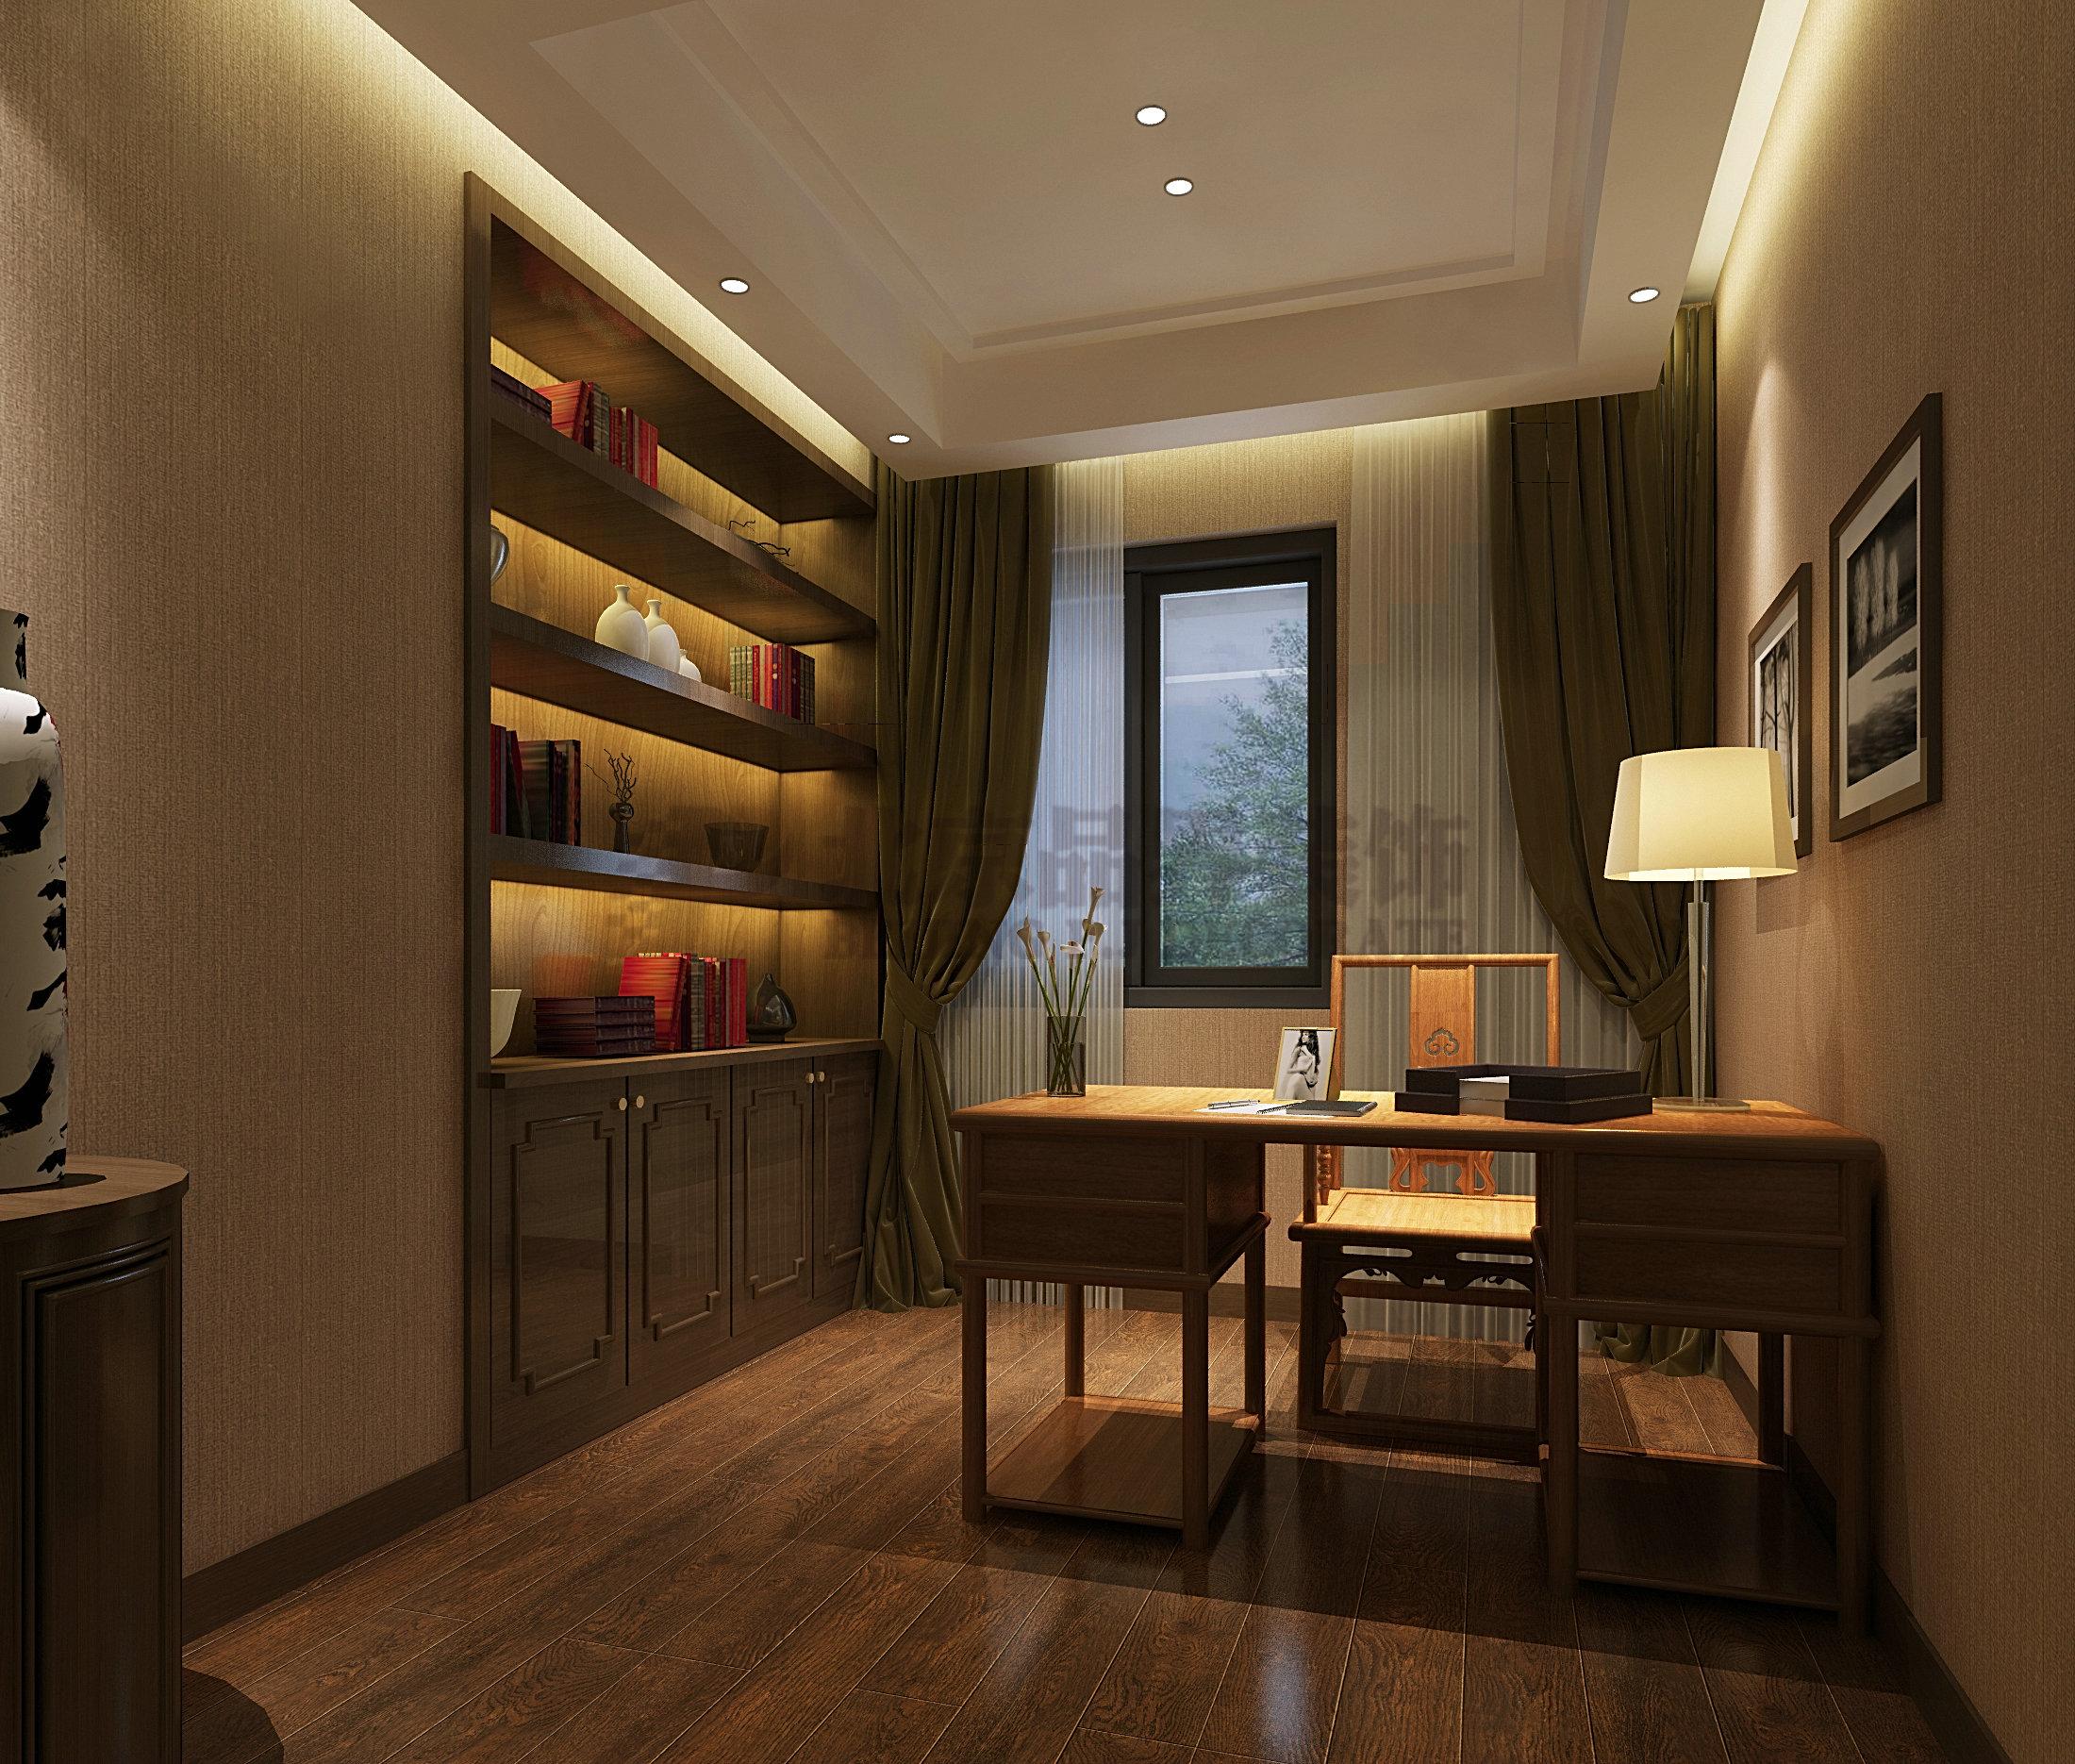 书房图片来自石家庄品界国际装饰在品界国际装饰新中式风格的分享